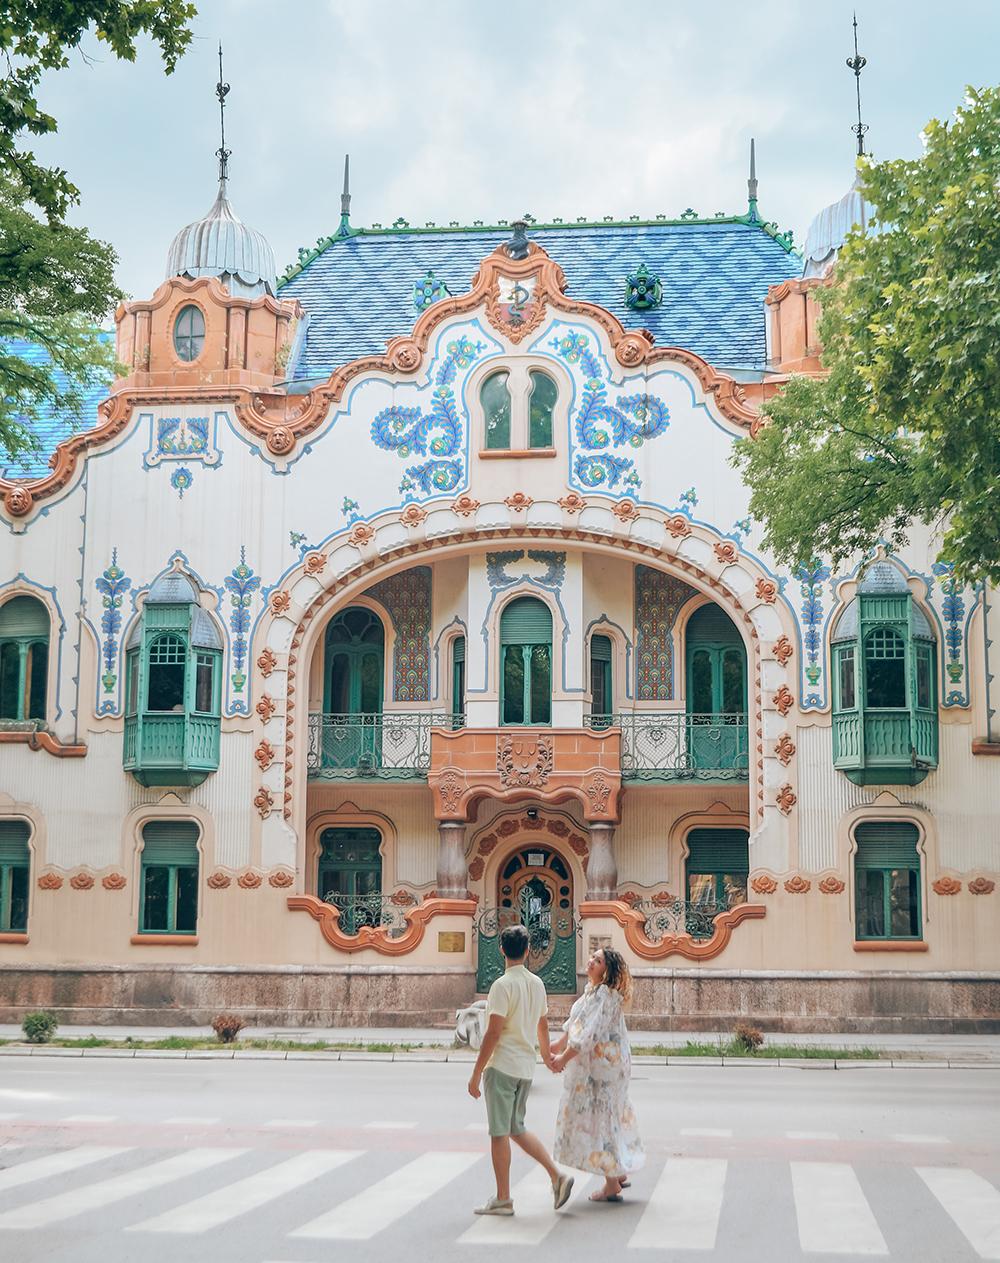 Dragulji Vojvodine